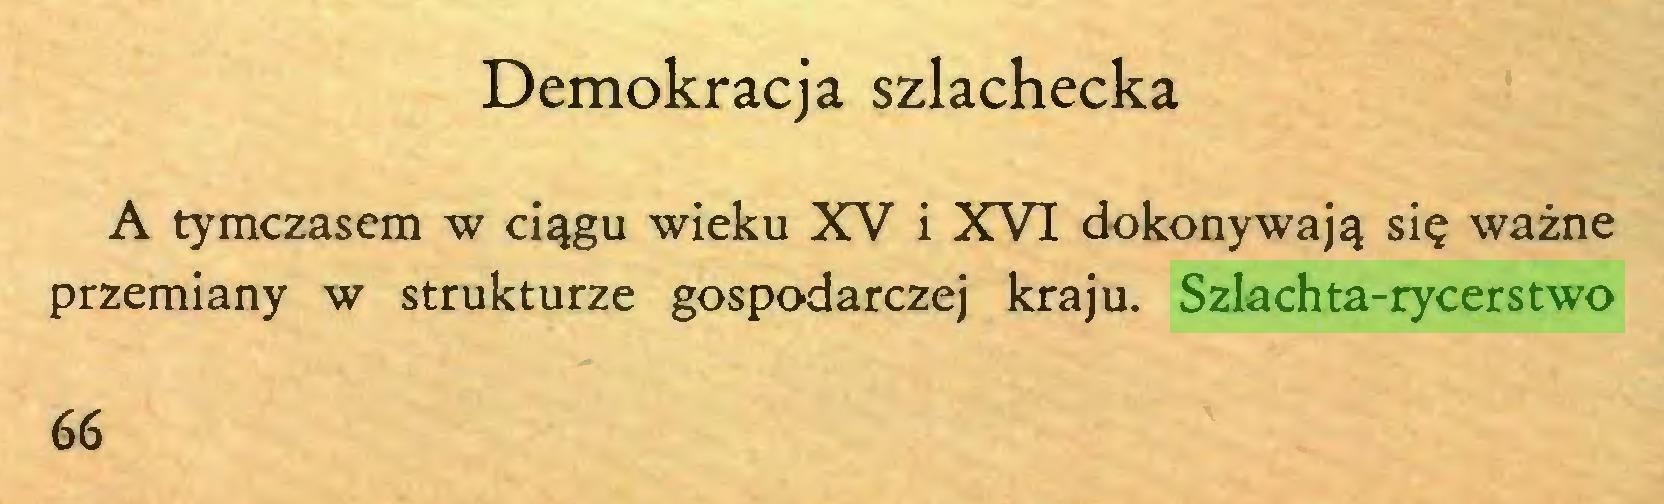 (...) Demokracja szlachecka A tymczasem w ciągu wieku XV i XVI dokonywają się ważne przemiany w strukturze gospodarczej kraju. Szlachta-rycerstwo 66...